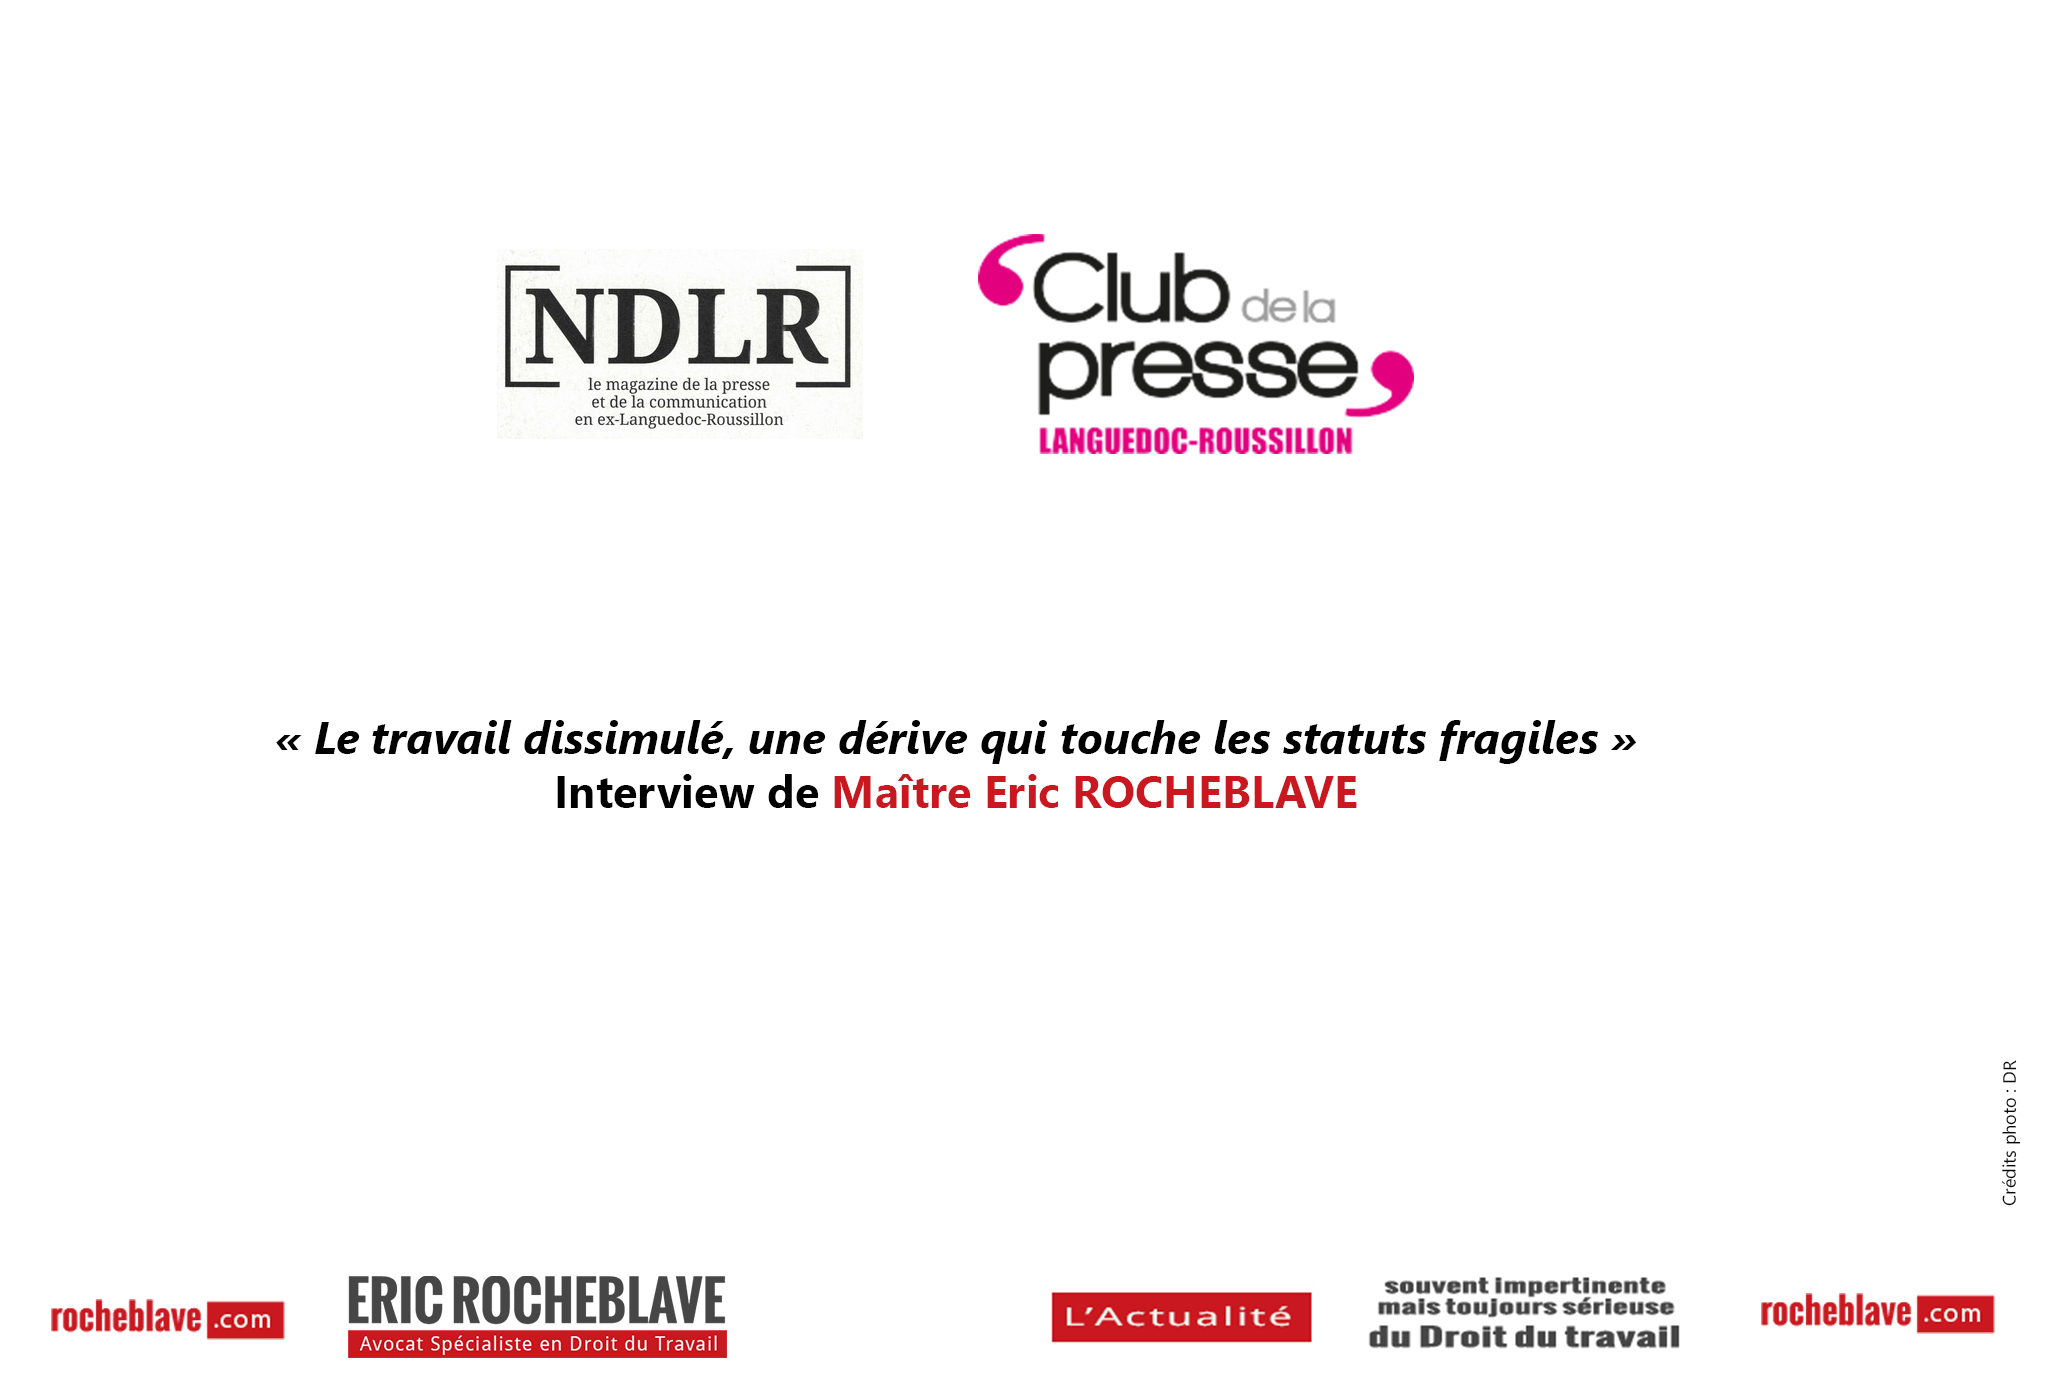 « Le travail dissimulé, une dérive qui touche les statuts fragiles » Interview de Maître Eric ROCHEBLAVE | NDLR – Club de la Presse du Languedoc-Roussillon – Montpellier